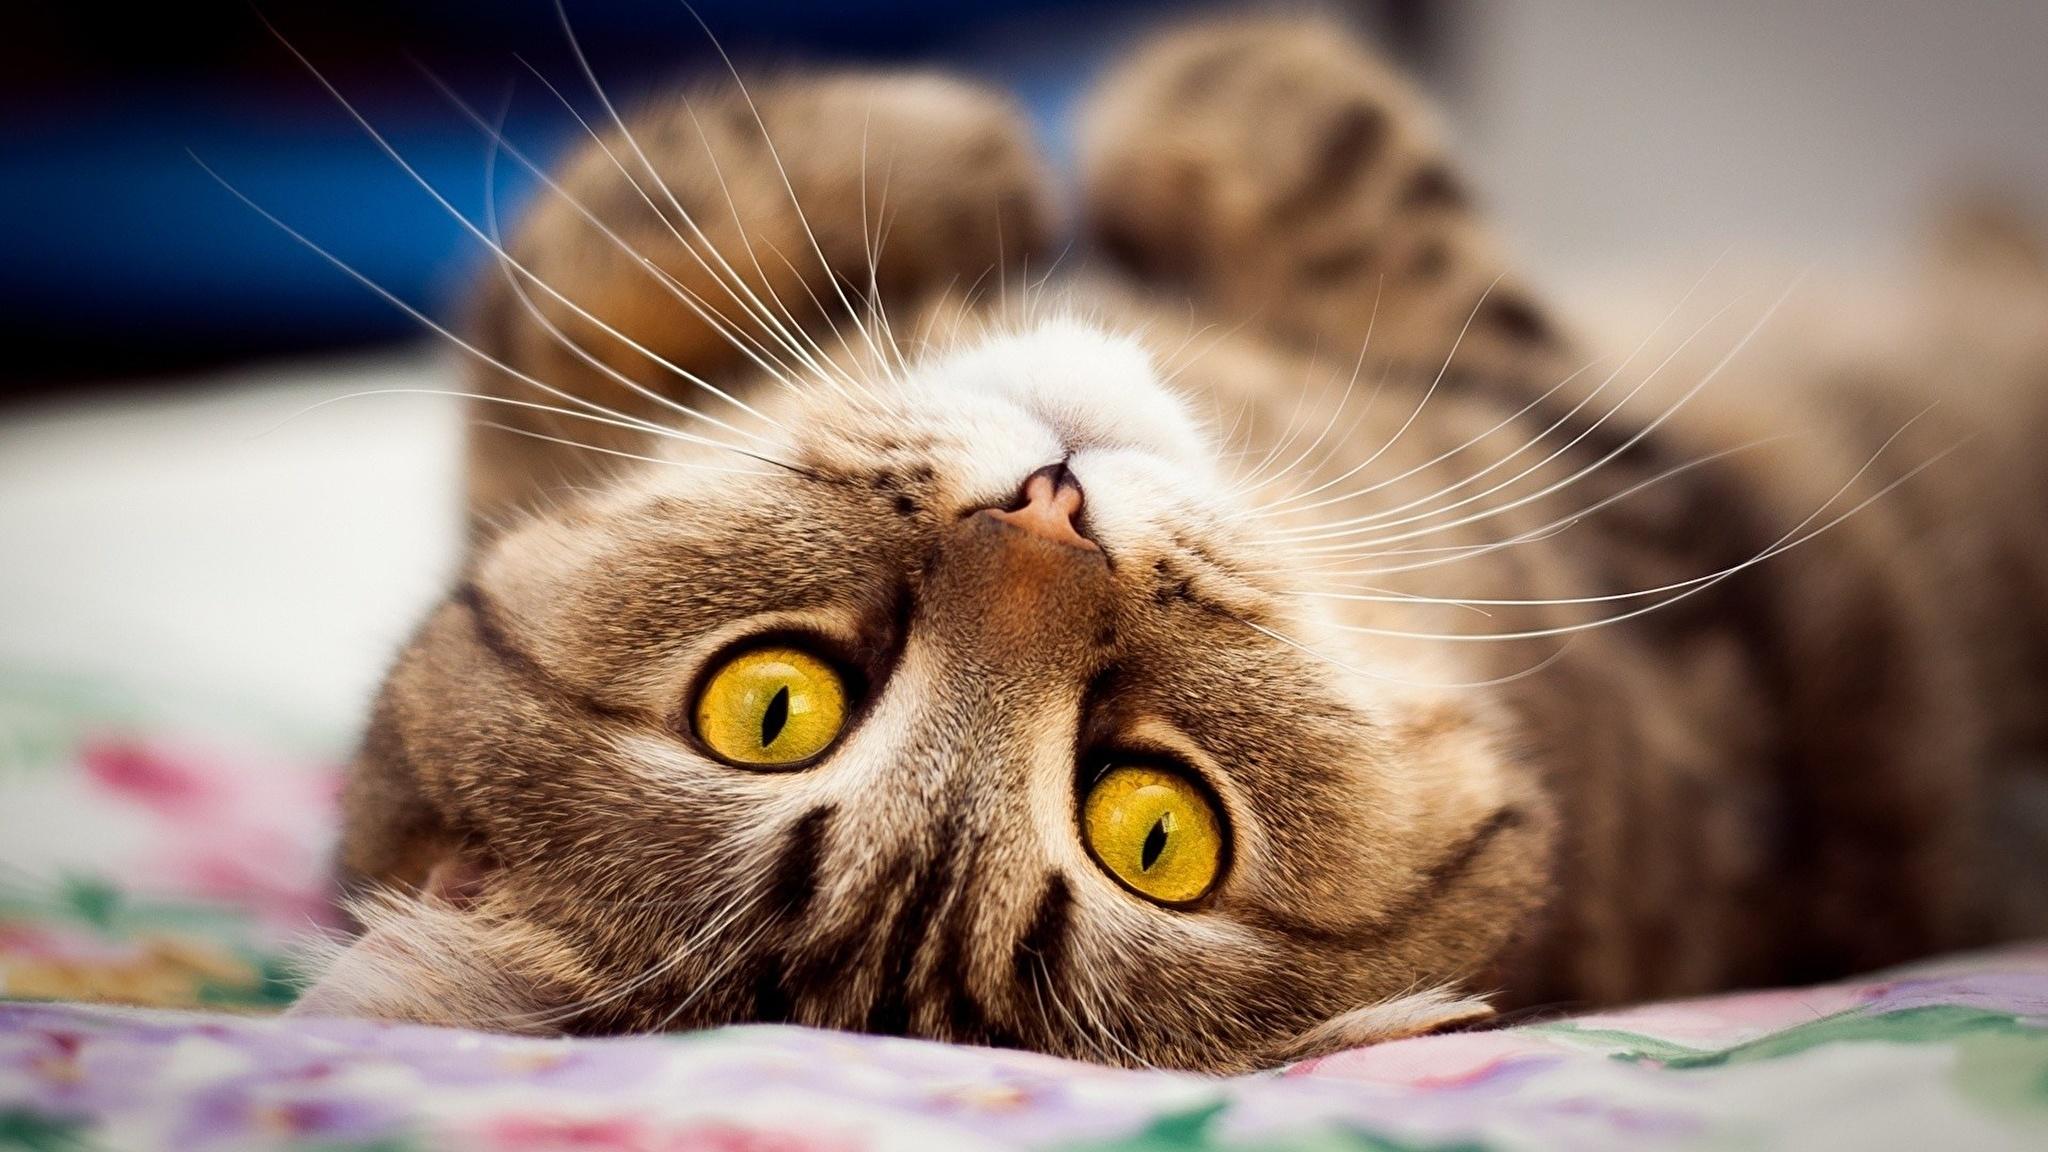 котенок ковер мордочка онлайн